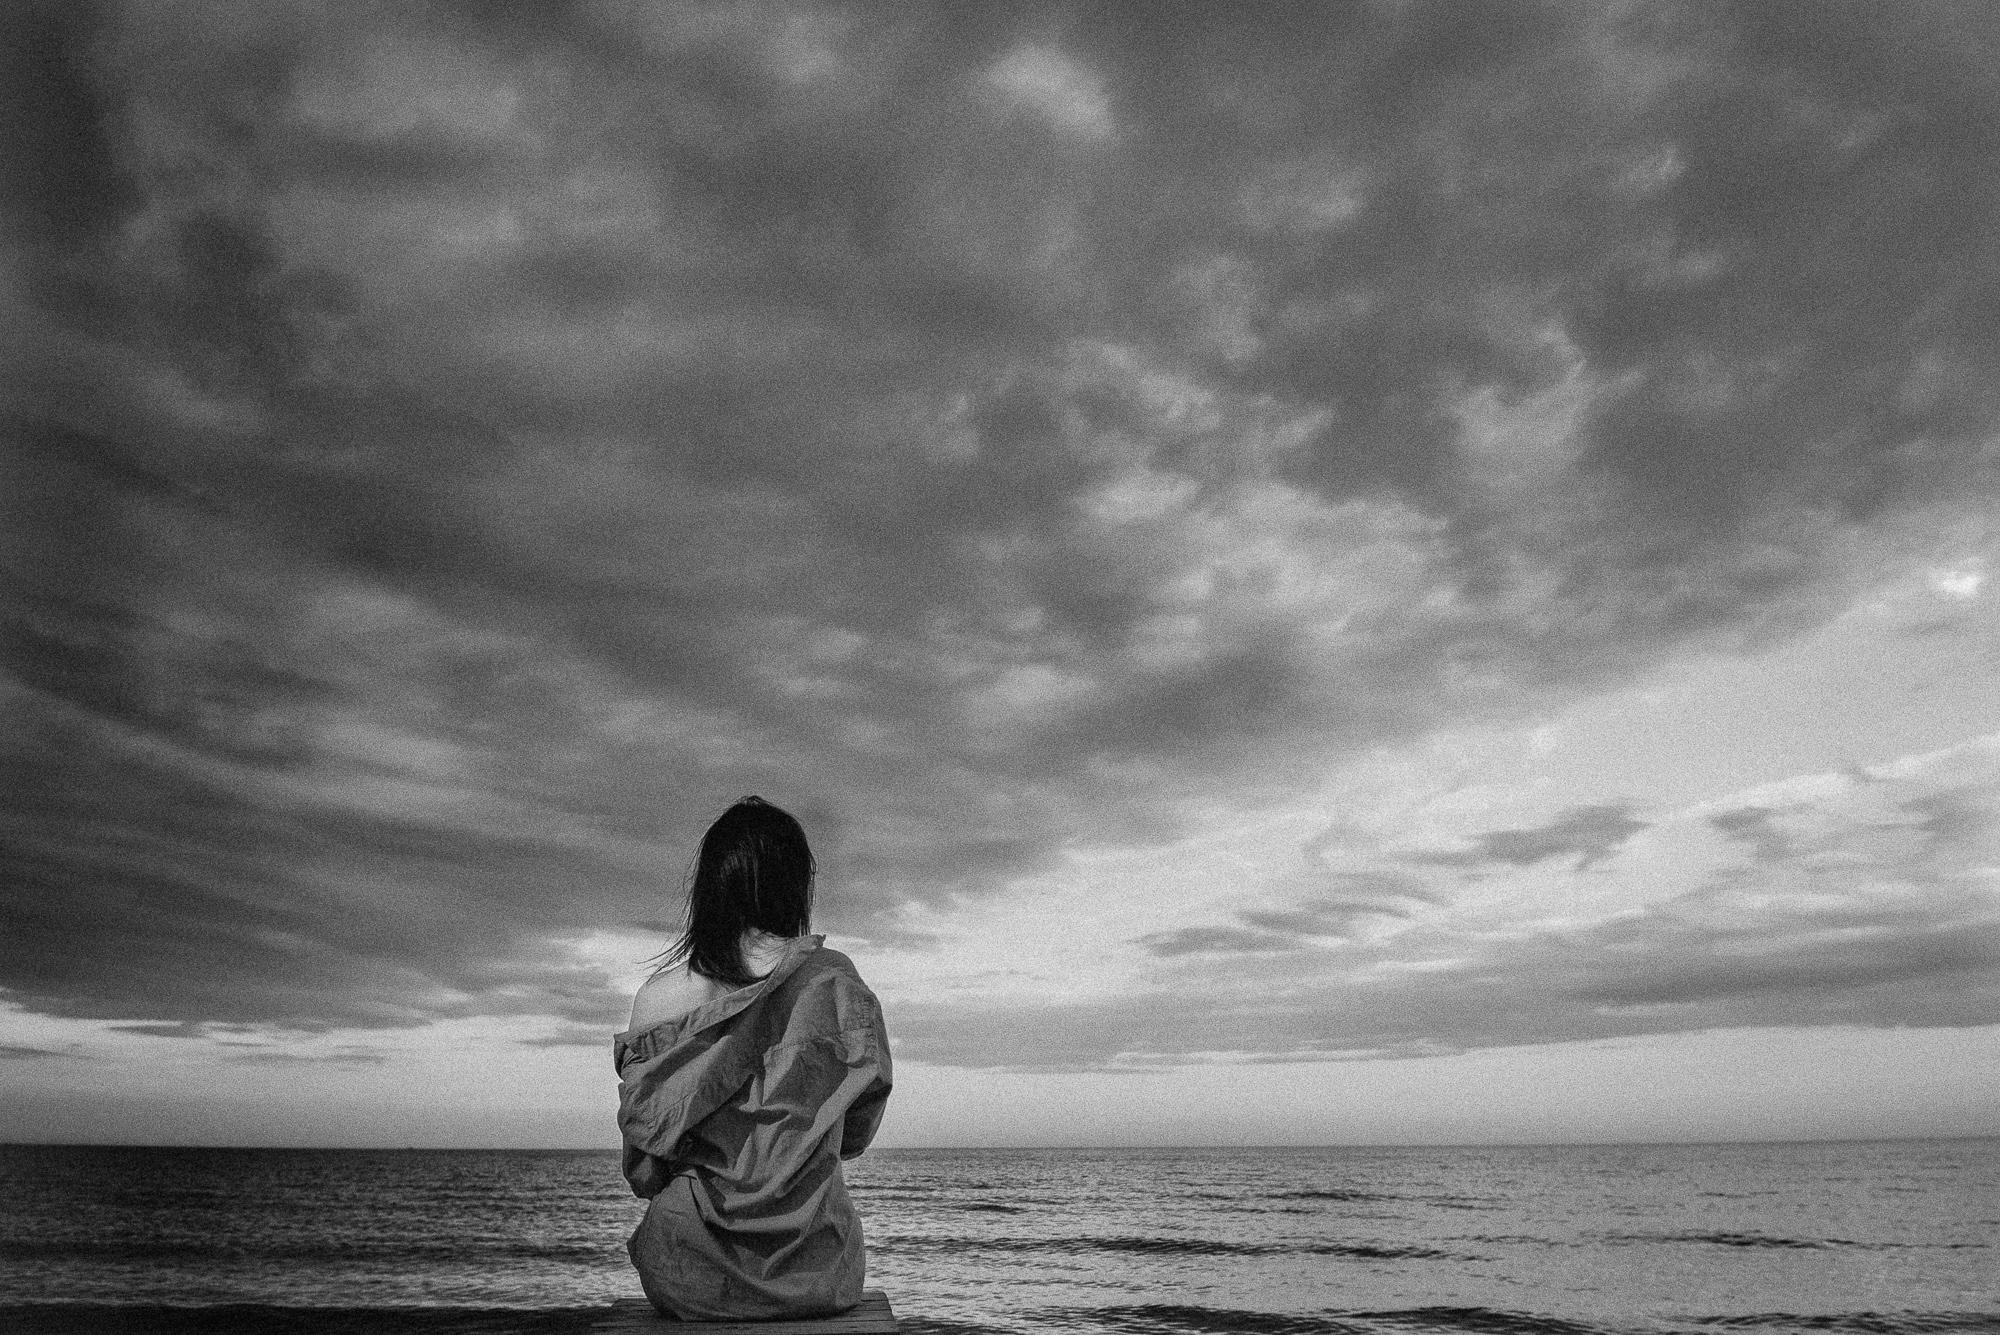 sedinta foto Constanta plaja corbu (12)